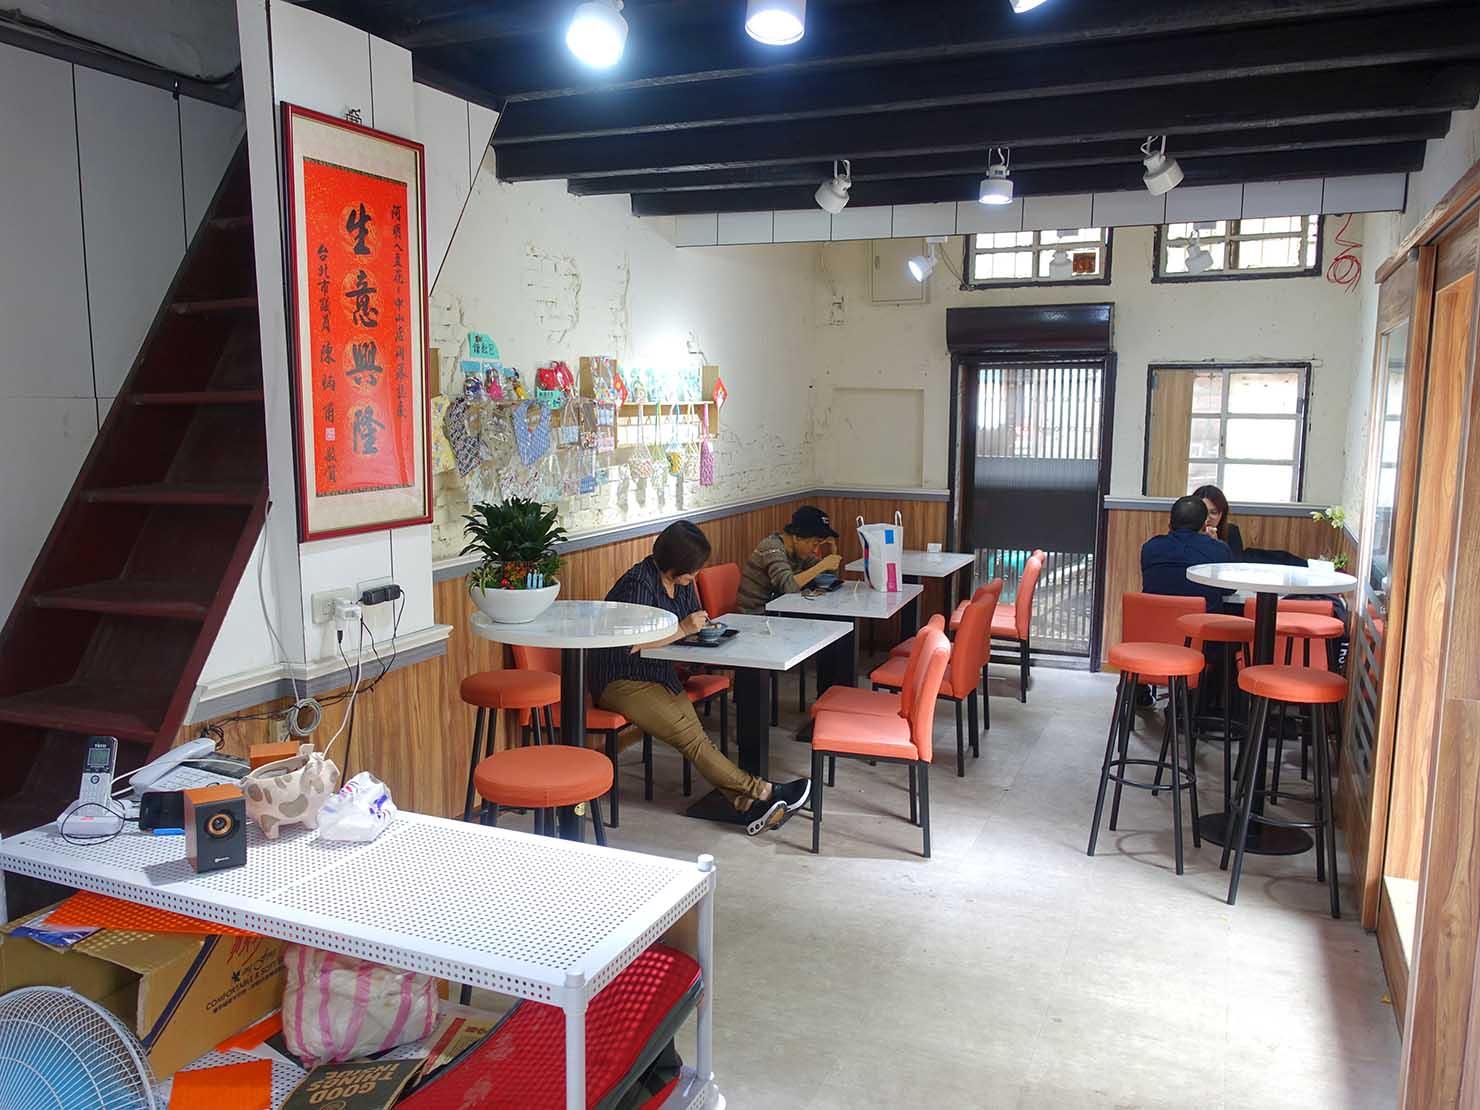 台北・中山駅周辺のおすすめグルメ店「阿明ㄟ豆花」の店内